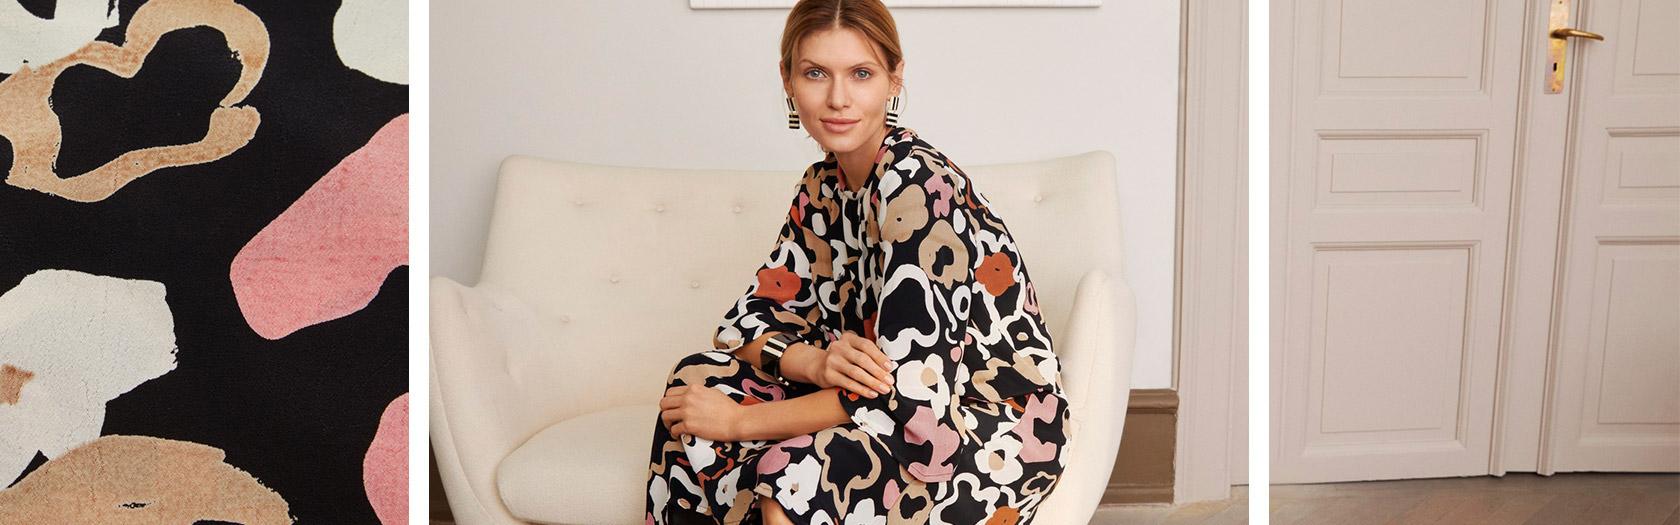 Nyla Dress in Dusty Rose Floral Combo | Masai Copenhagen